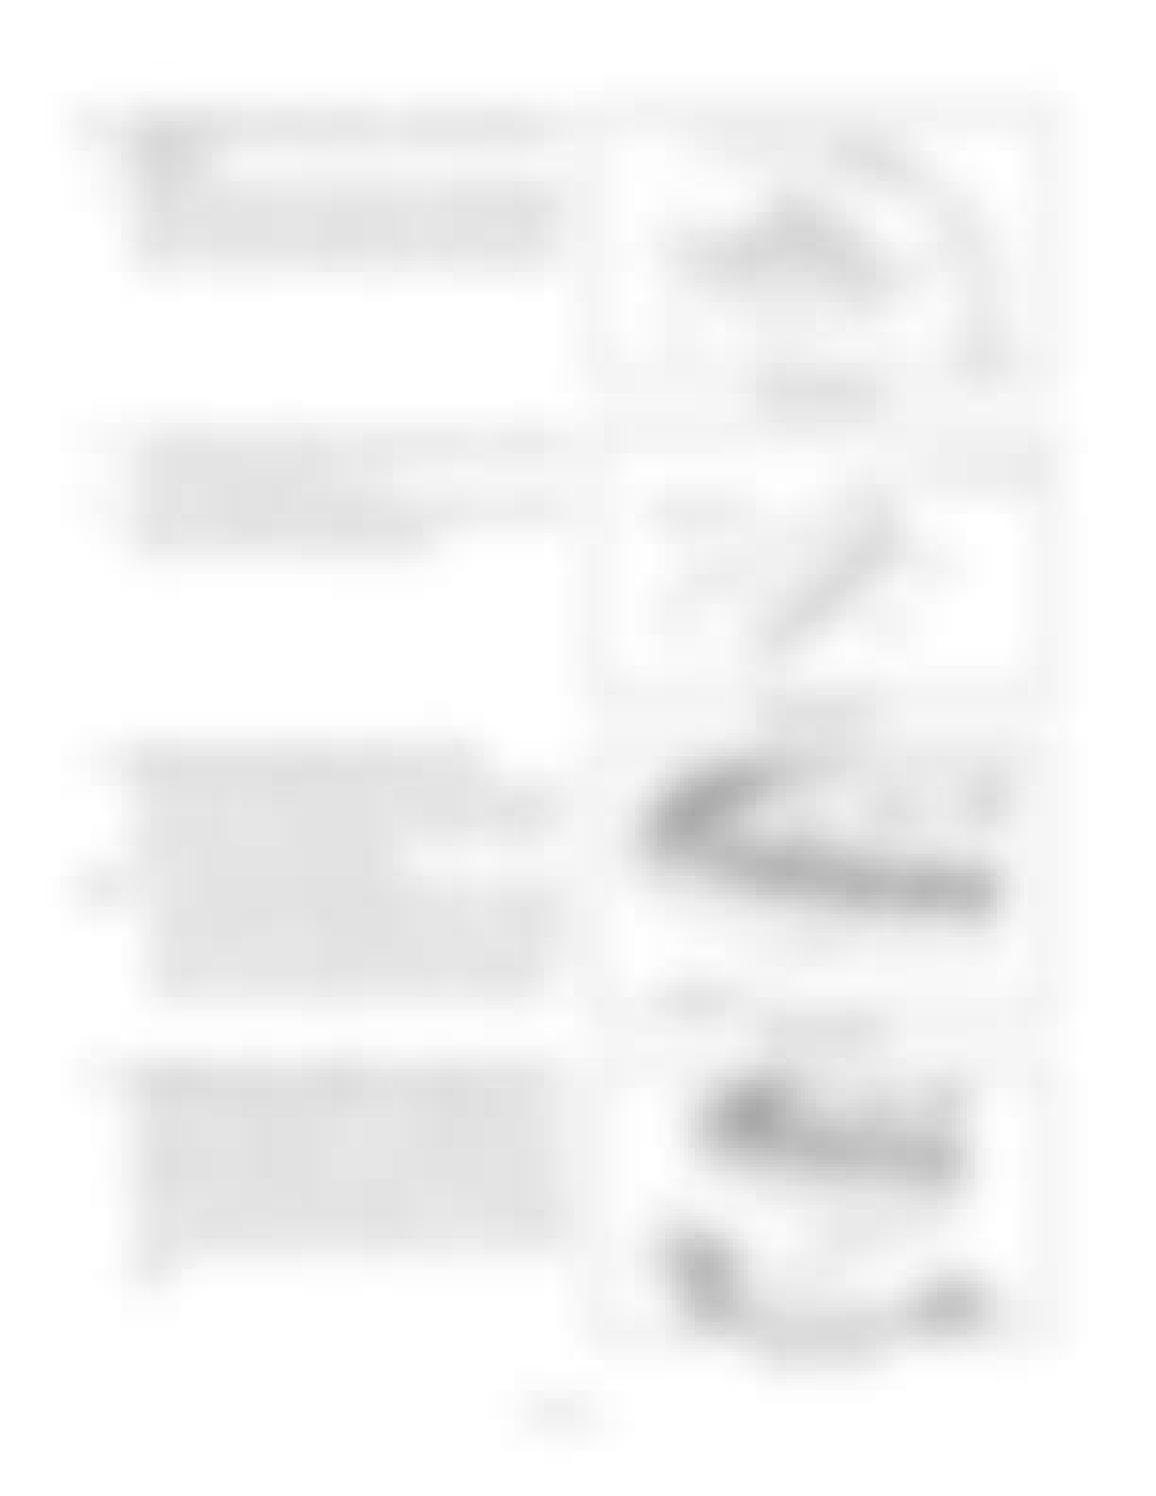 Hitachi LX110-7 LX130-7 LX160-7 LX190-7 LX230-7 Wheel Loader Workshop Manual - PDF DOWNLOAD page 240